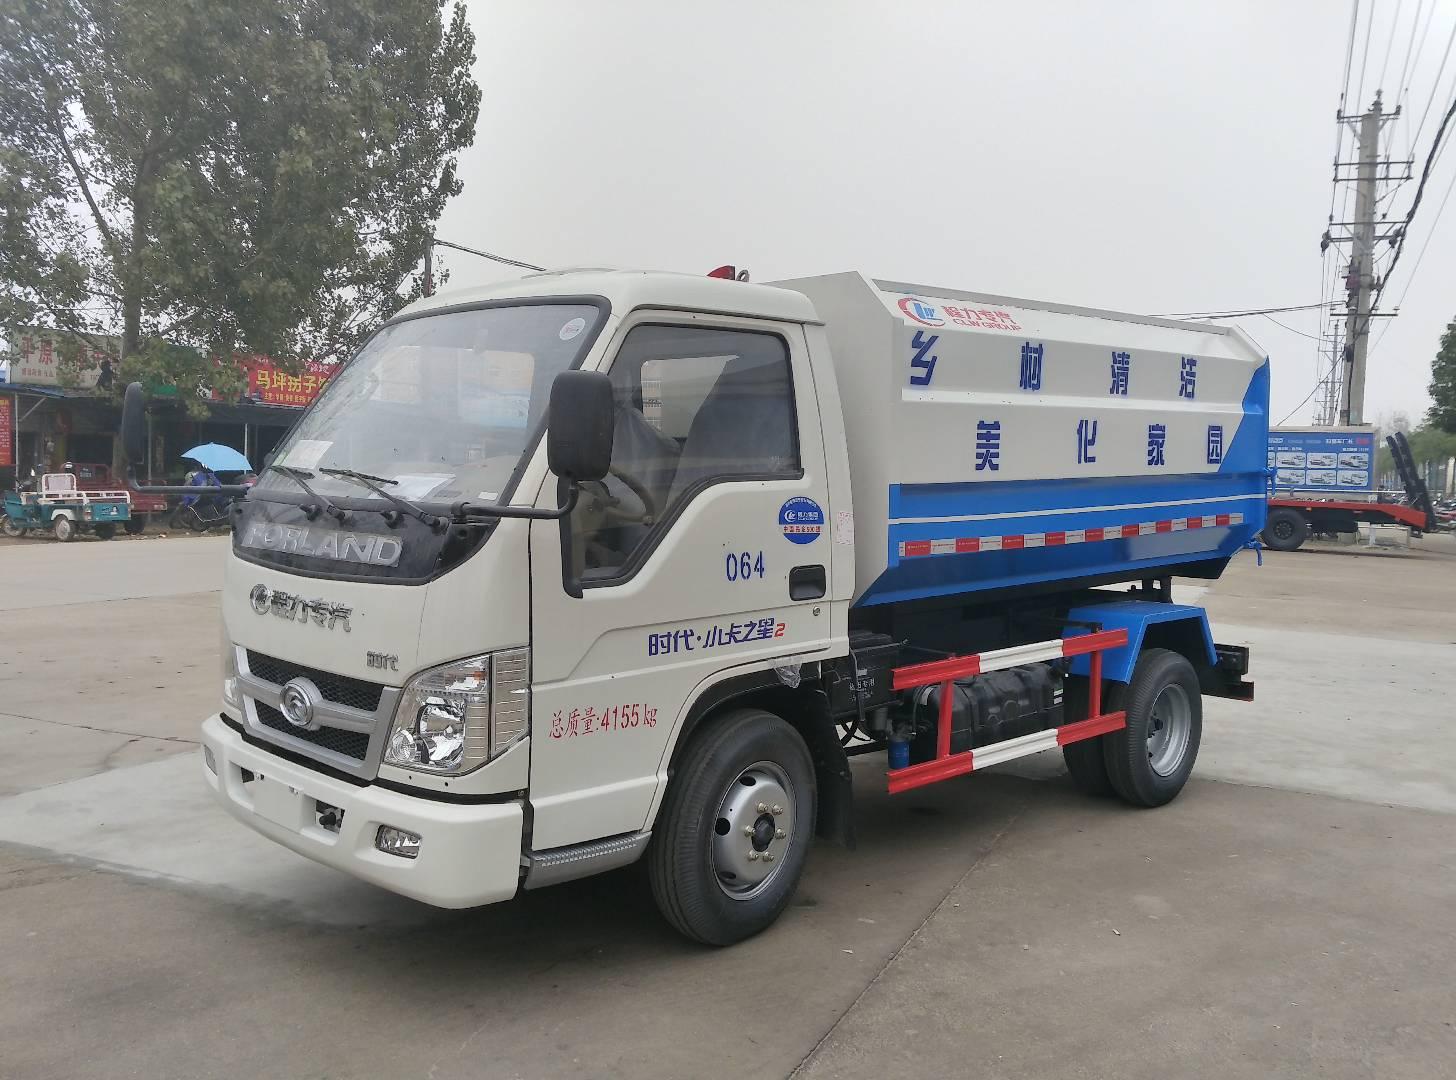 3-4方福田时代挂桶式垃圾车-3-4方福田时代挂桶式垃圾车 程力威CLW5041ZZZB5自装卸式垃圾车